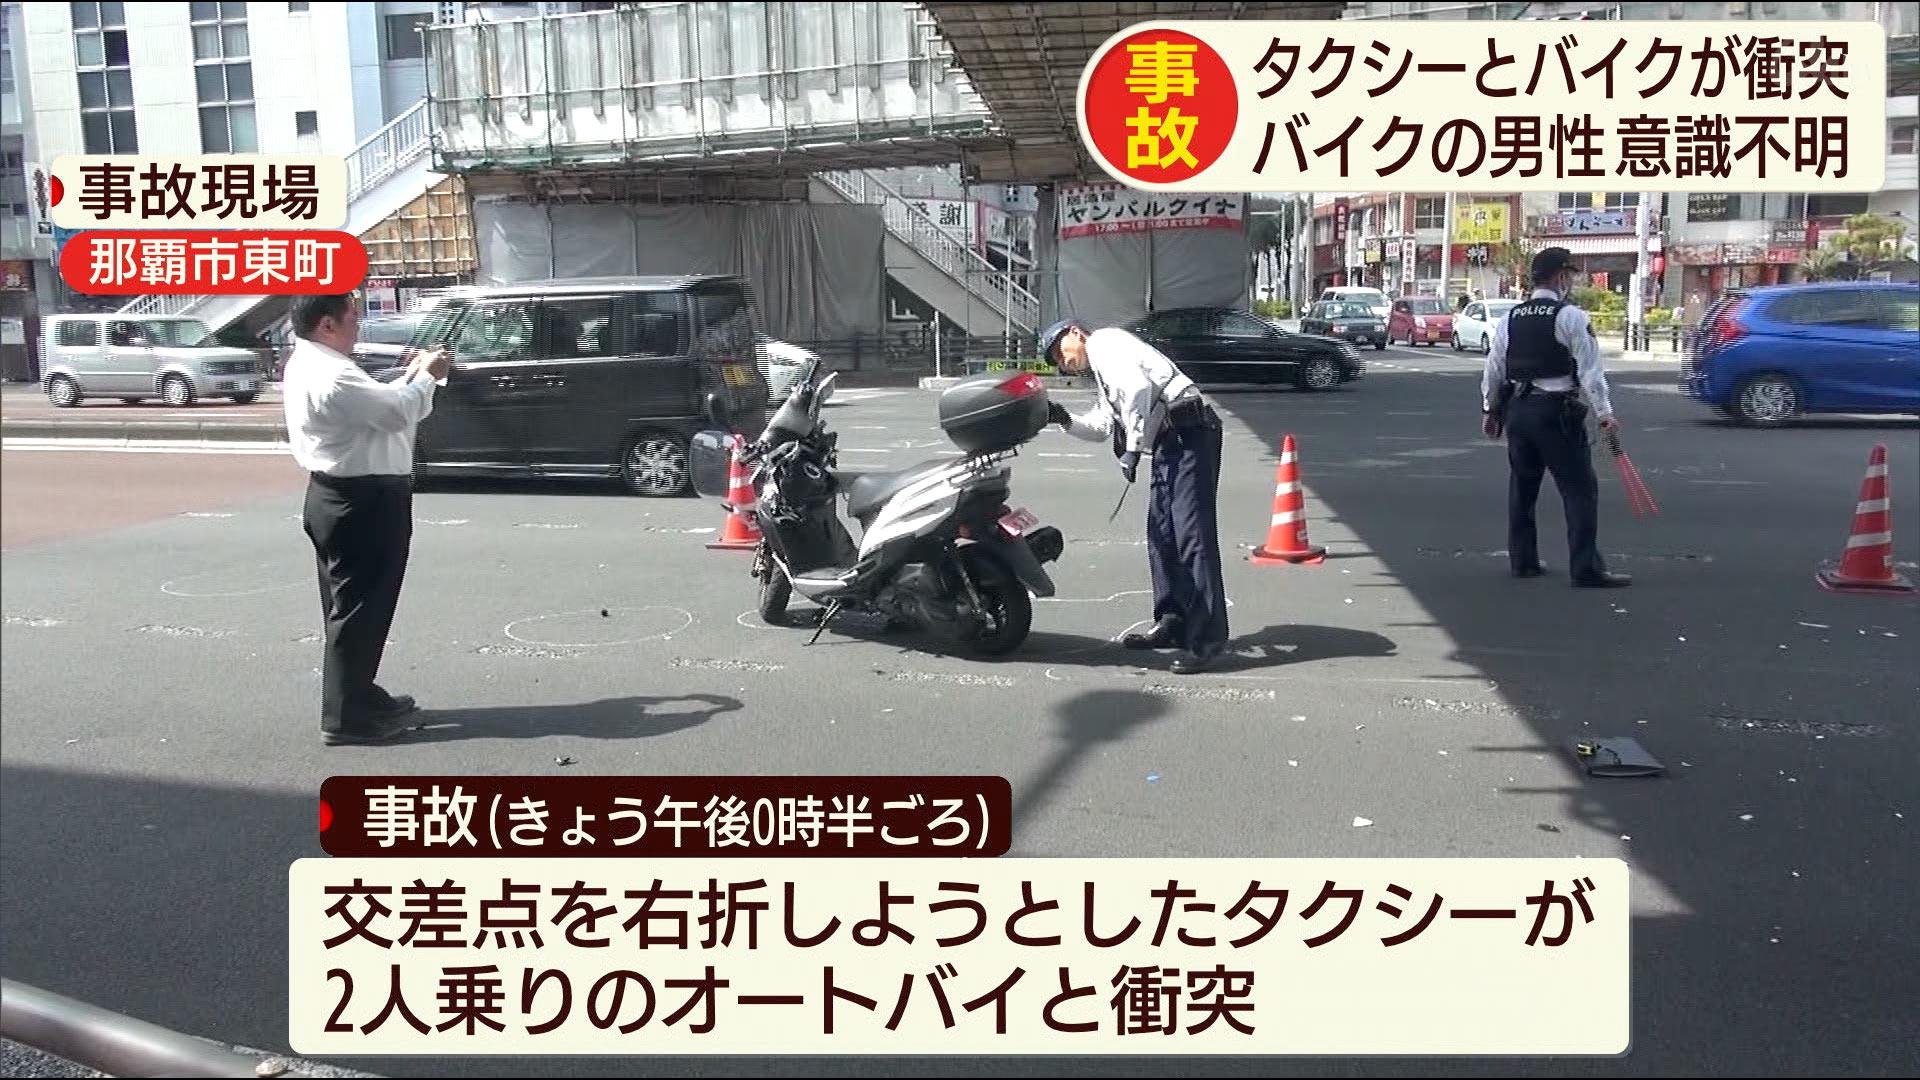 オートバイとタクシーが衝突する事故 1人意識不明